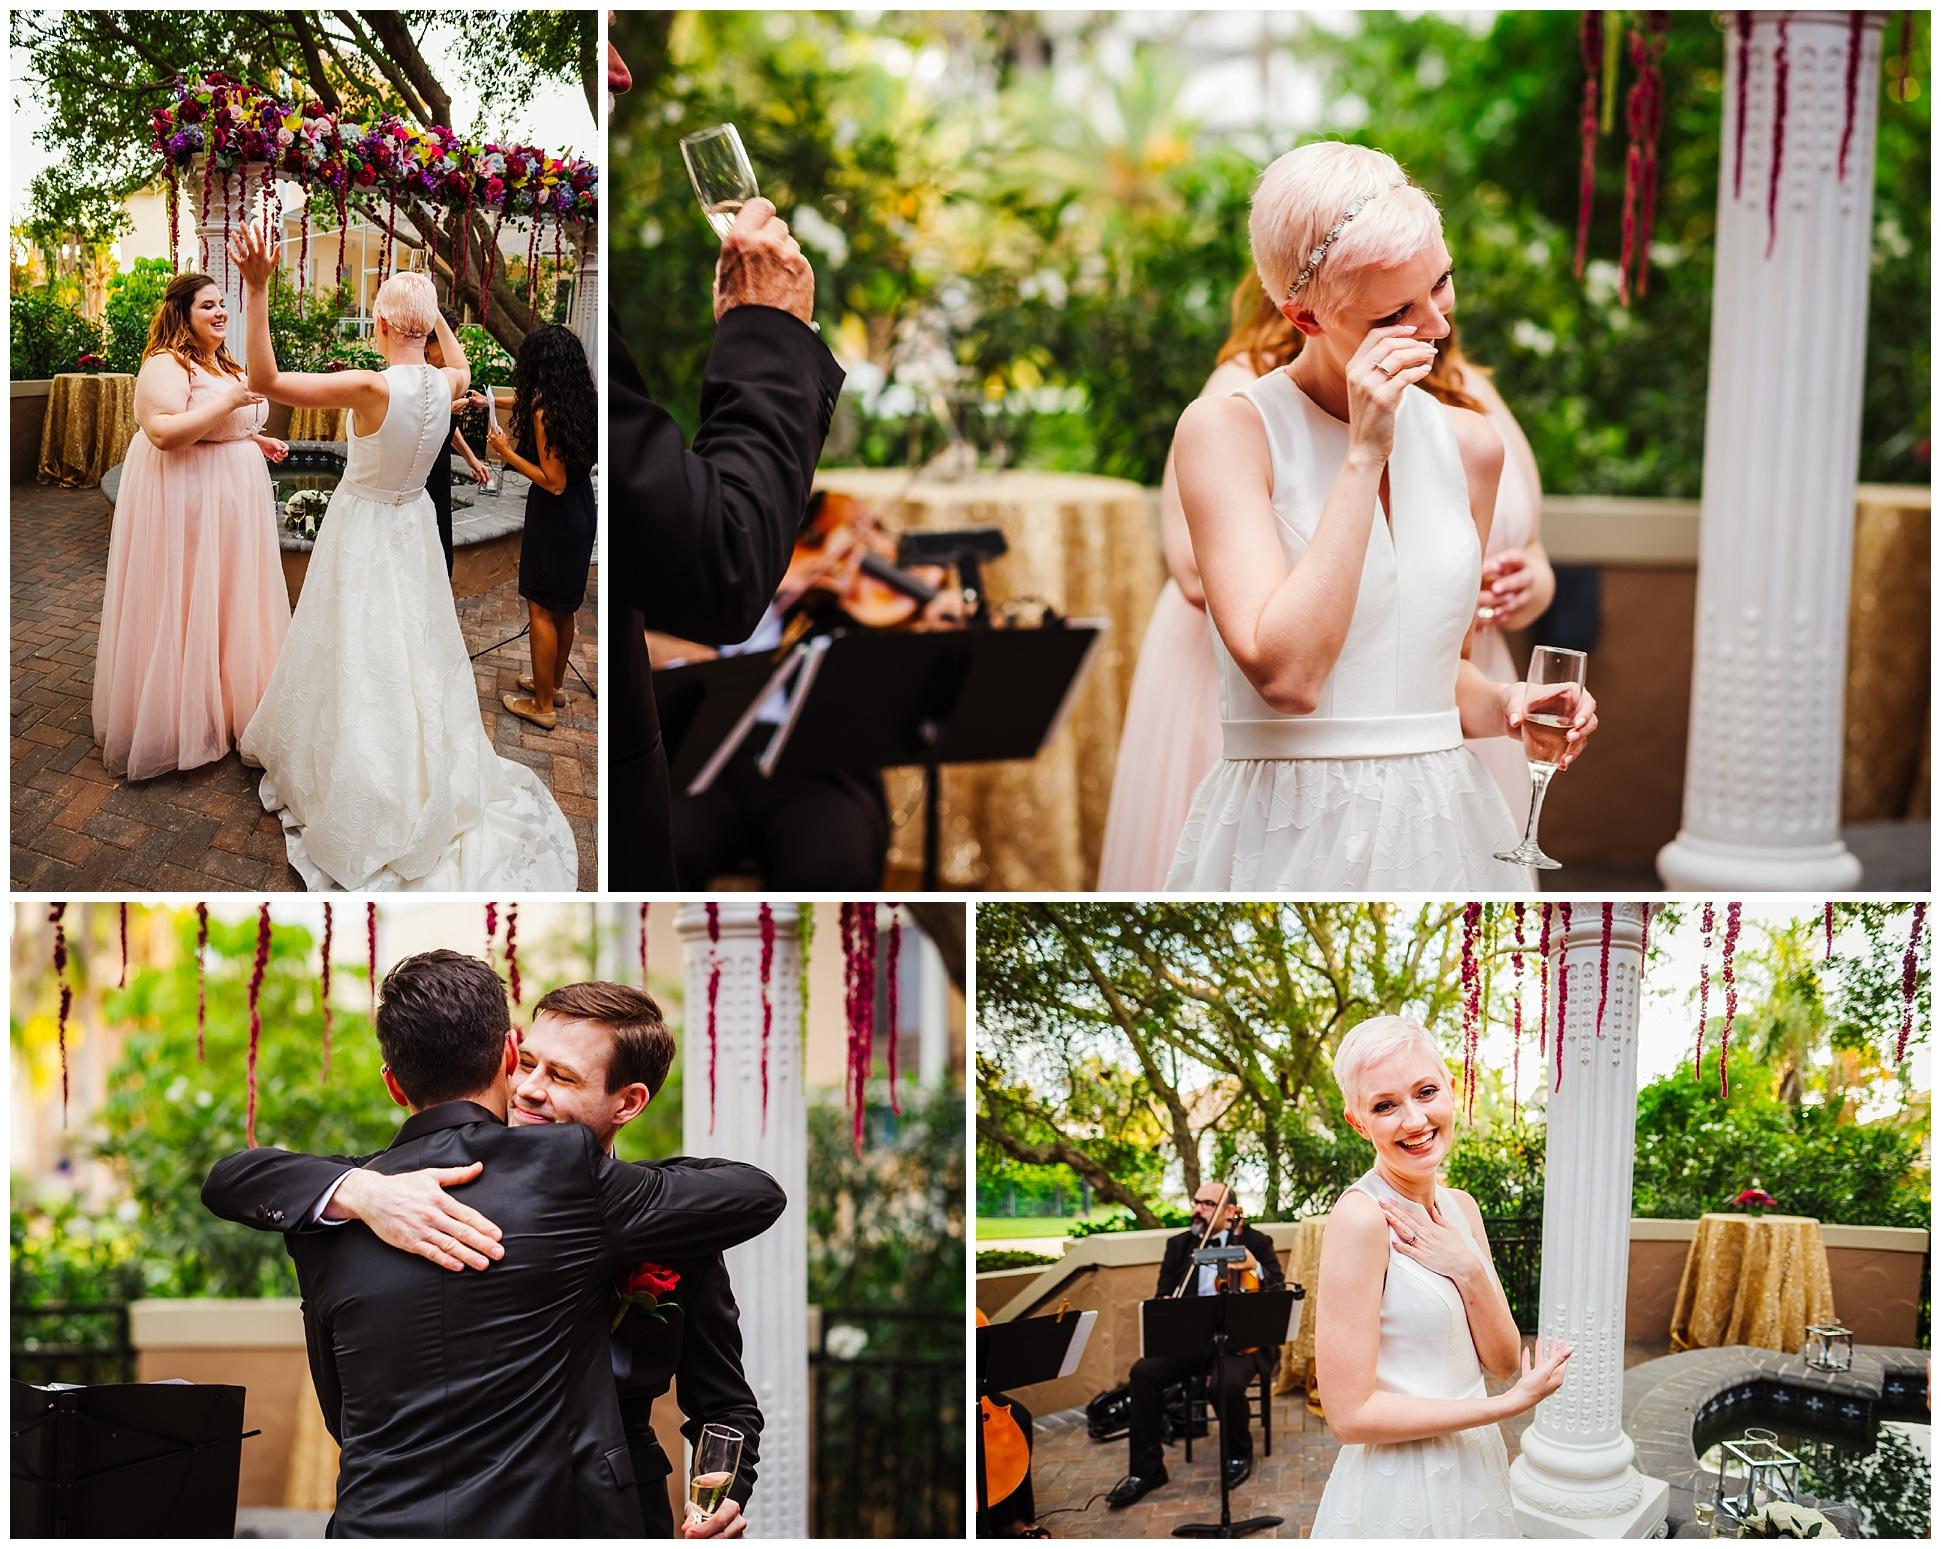 tierra-verde-st-pete-florida-home-luxury-wedding-greenery-pink-pixie-bride_0063.jpg